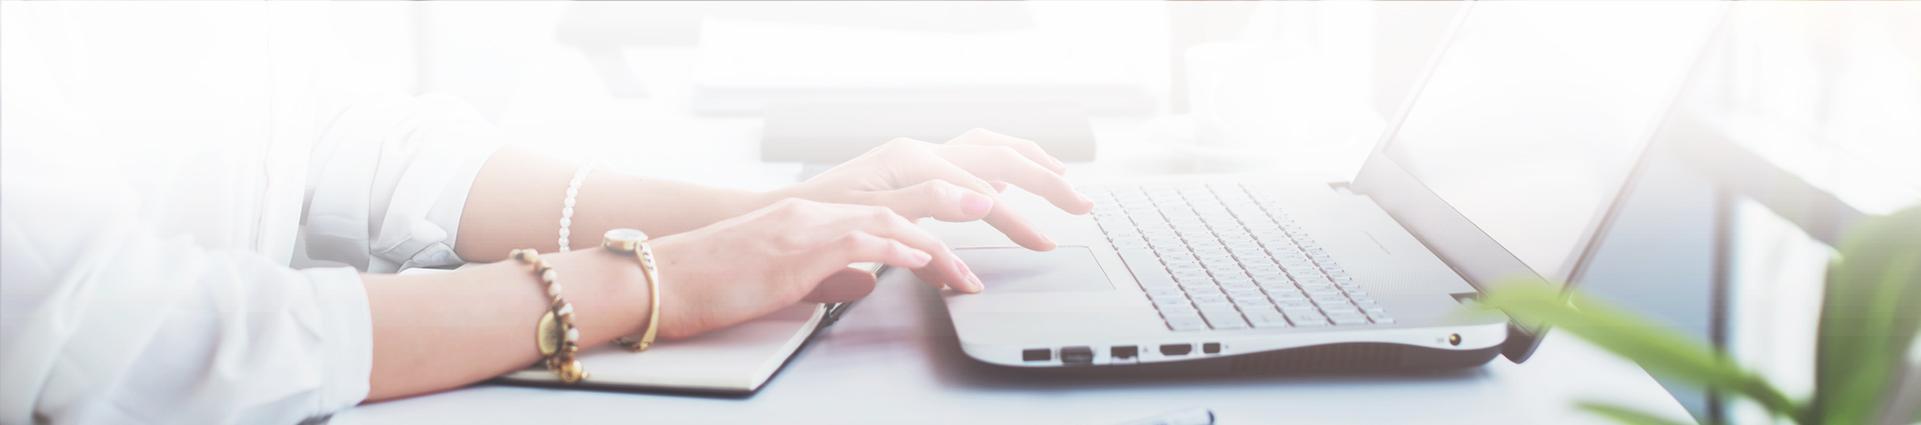 Pisanie wiadomości na laptopie